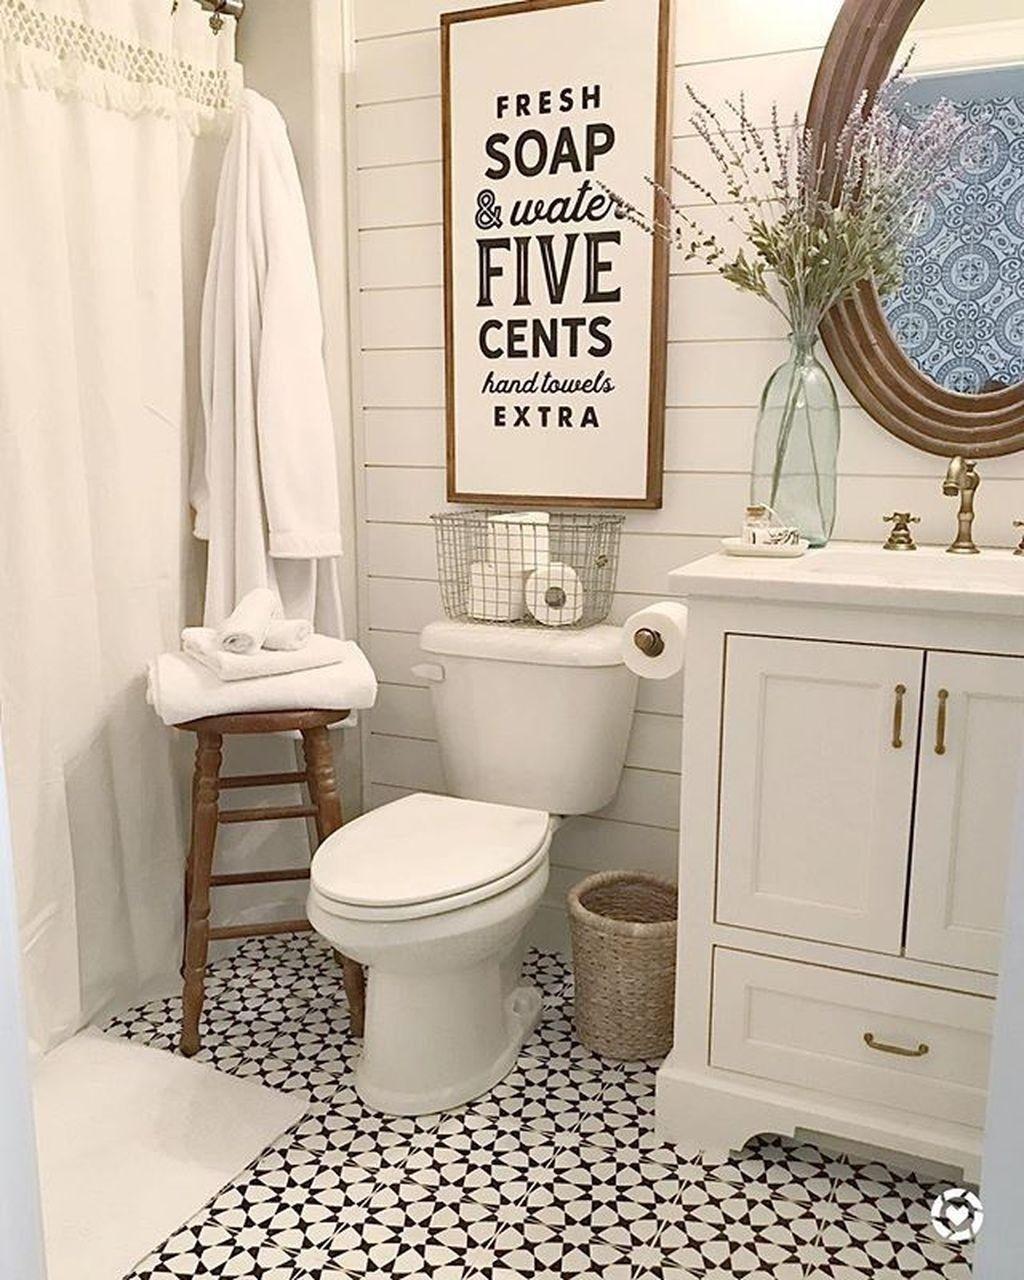 25 Farmhouse Bathroom Ideas For Bathroom Remodel - M17